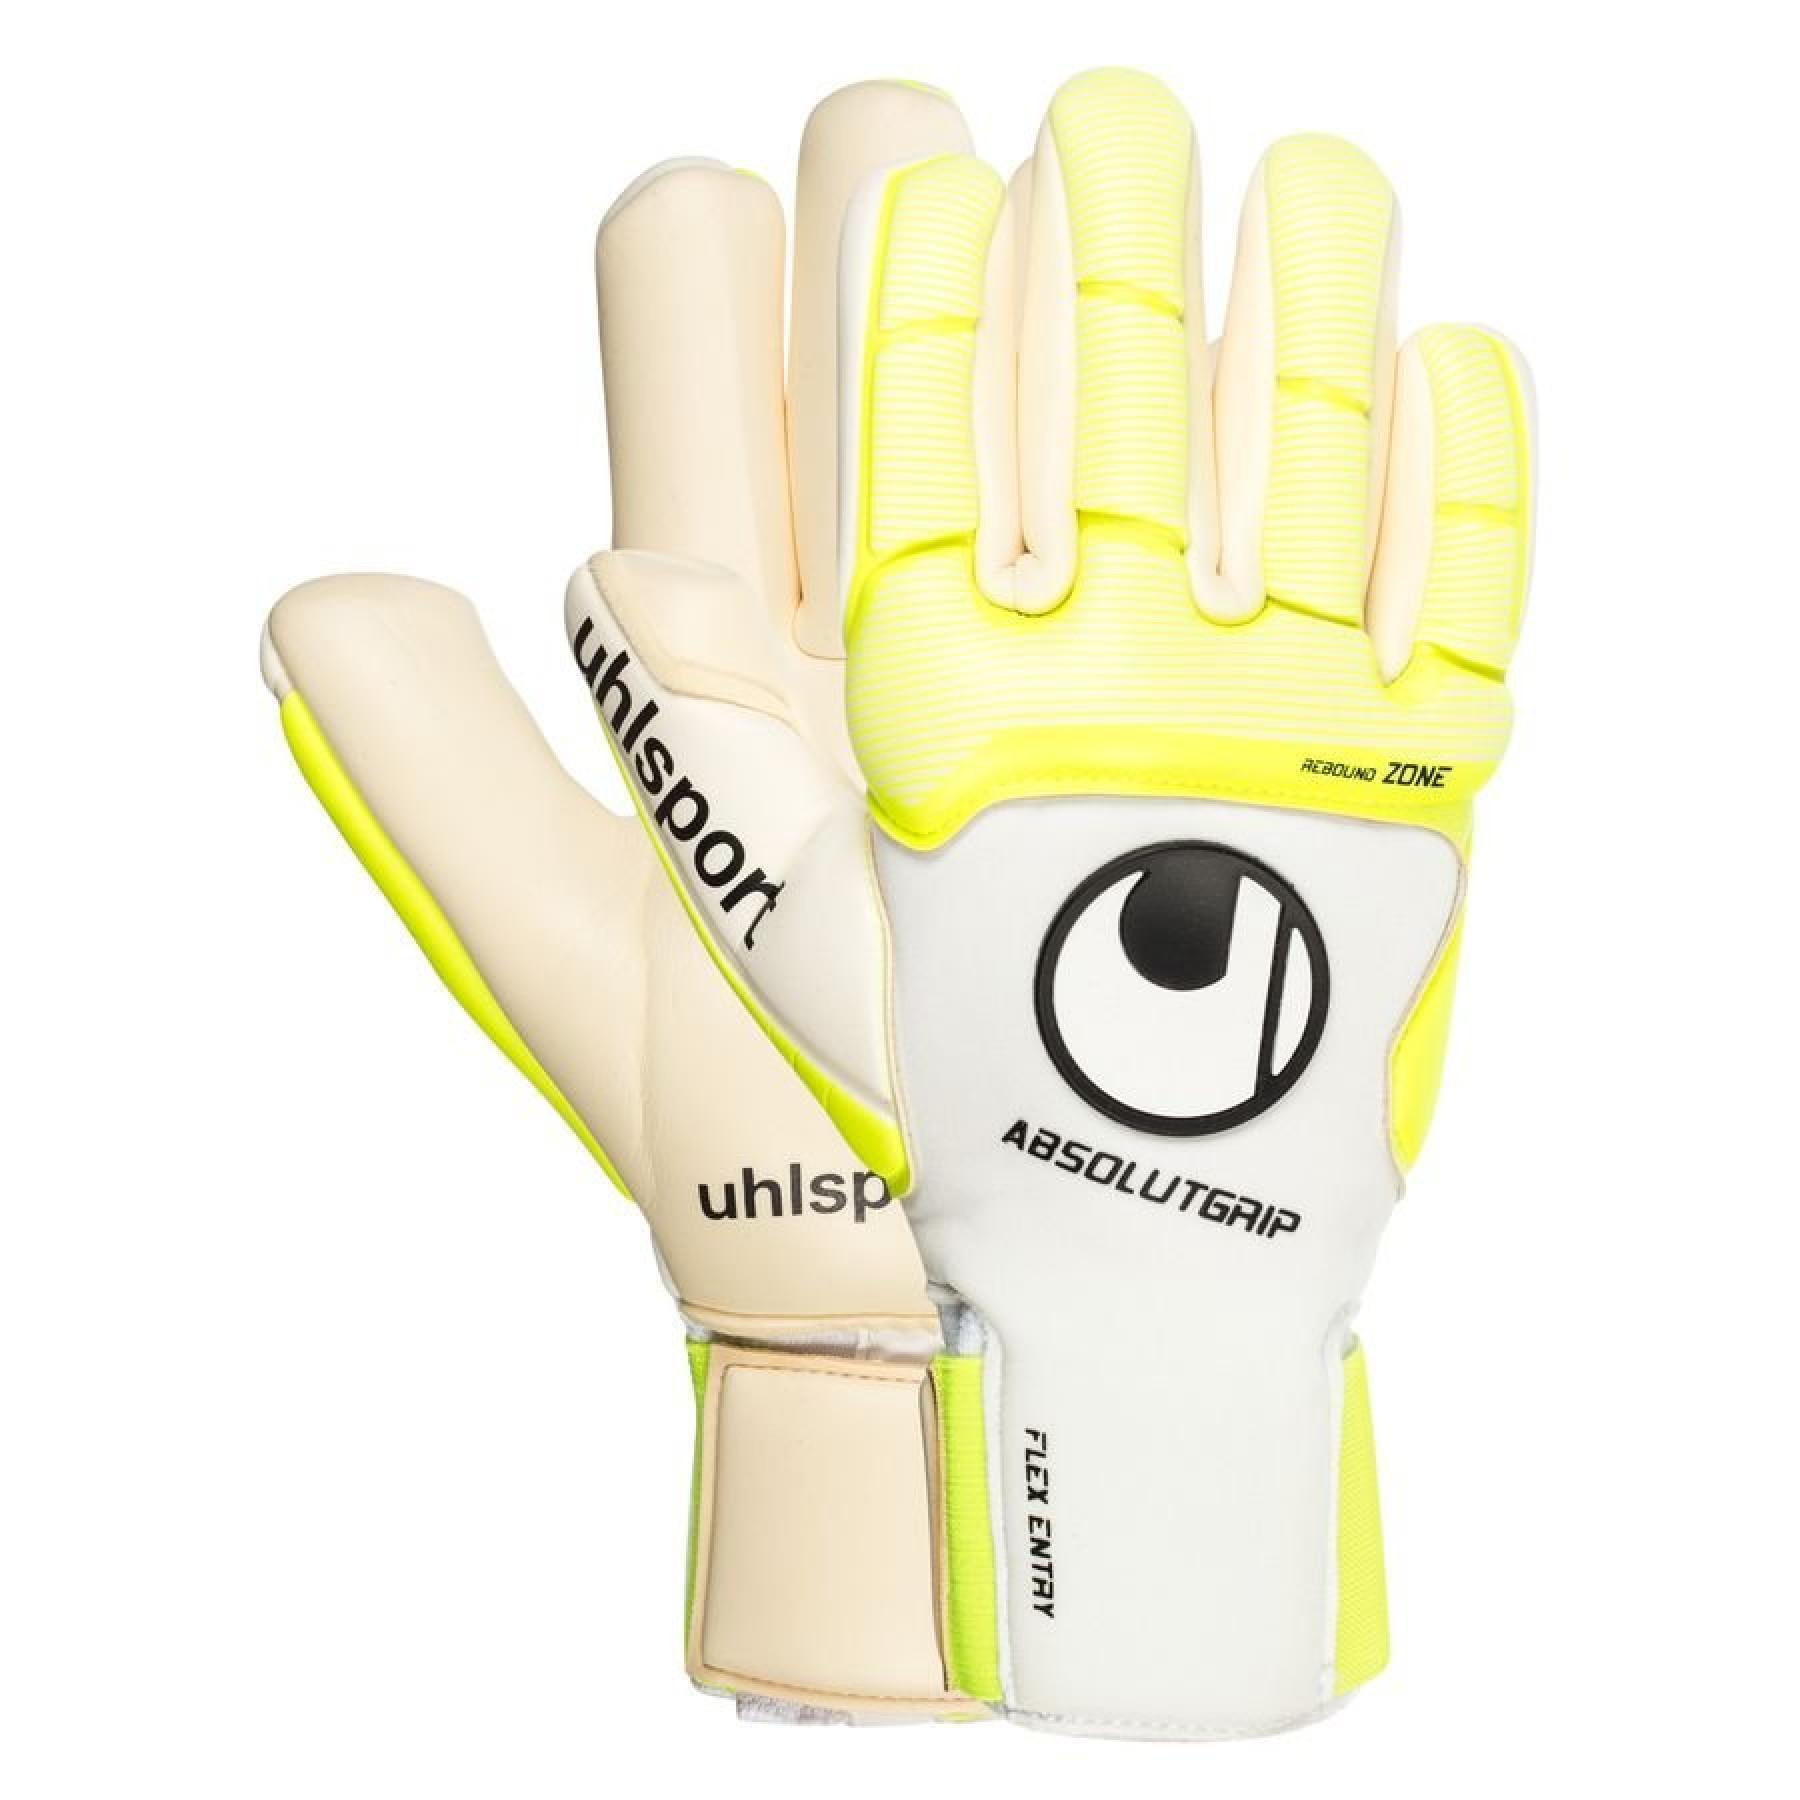 Guantes de portero Uhlsport Pure Alliance AbsolutGrip Finger Surround